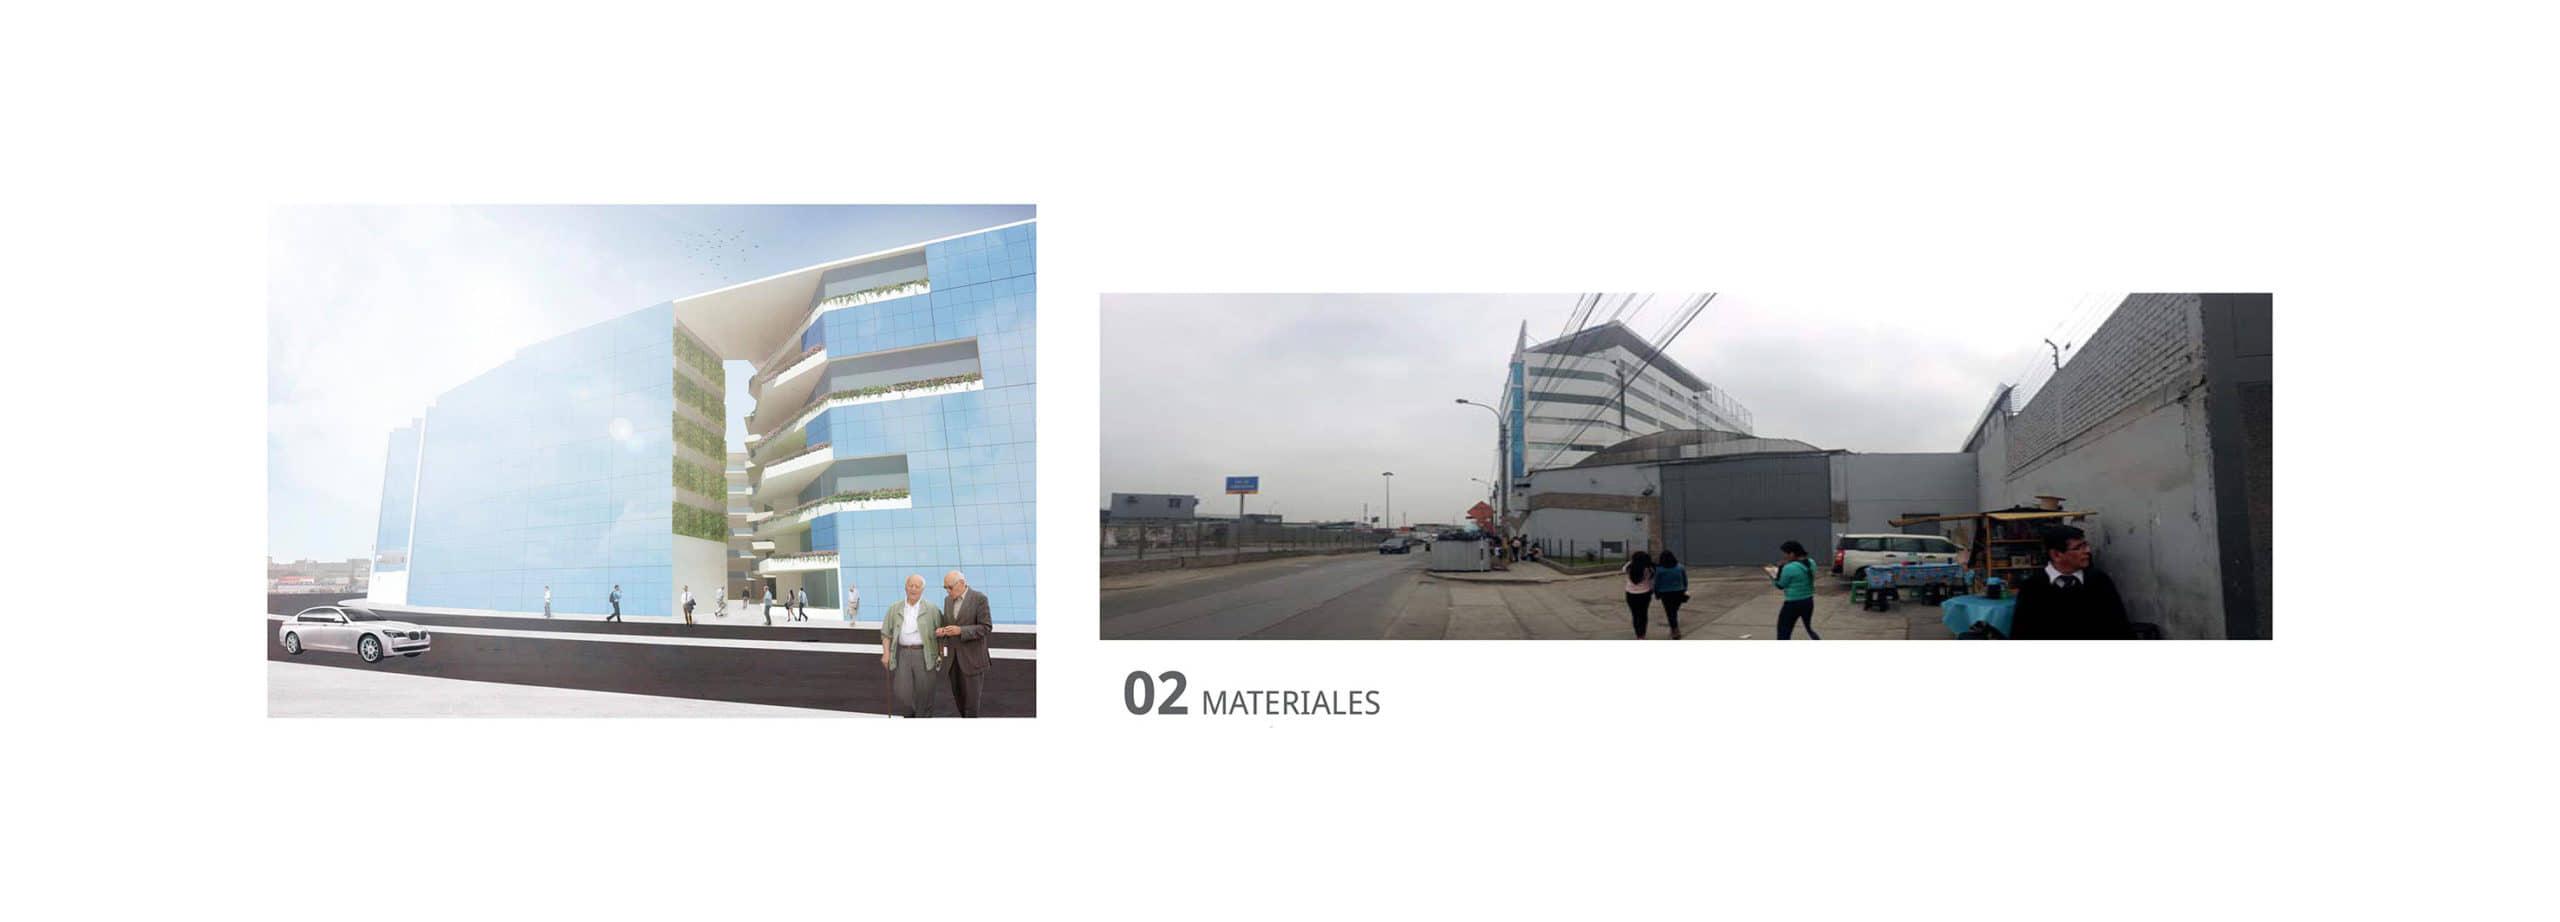 alt=imagen de los materiales del edificio de oficinas